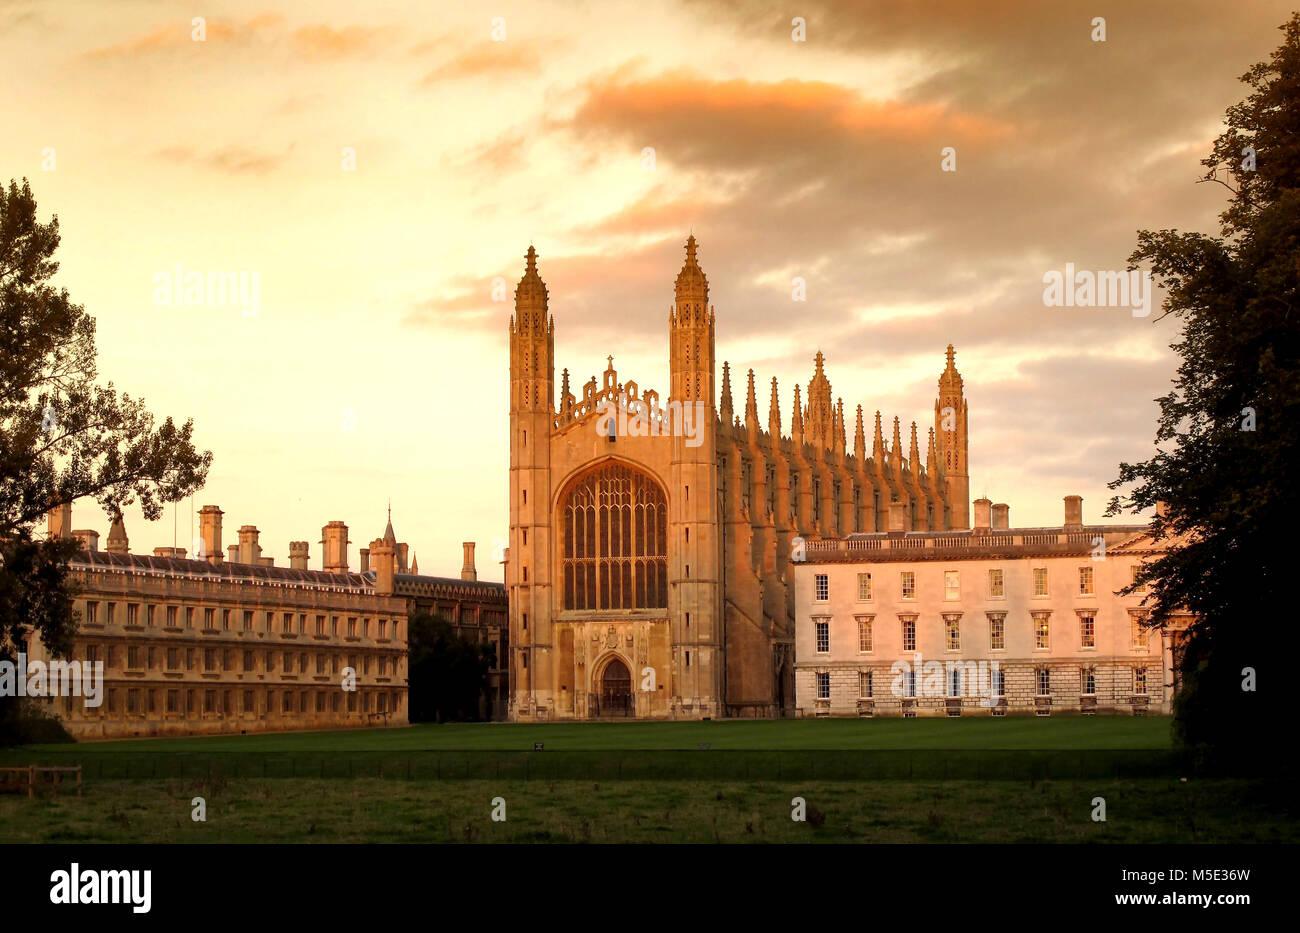 King's College Chapel, Cambridge, England, UK - Stock Image